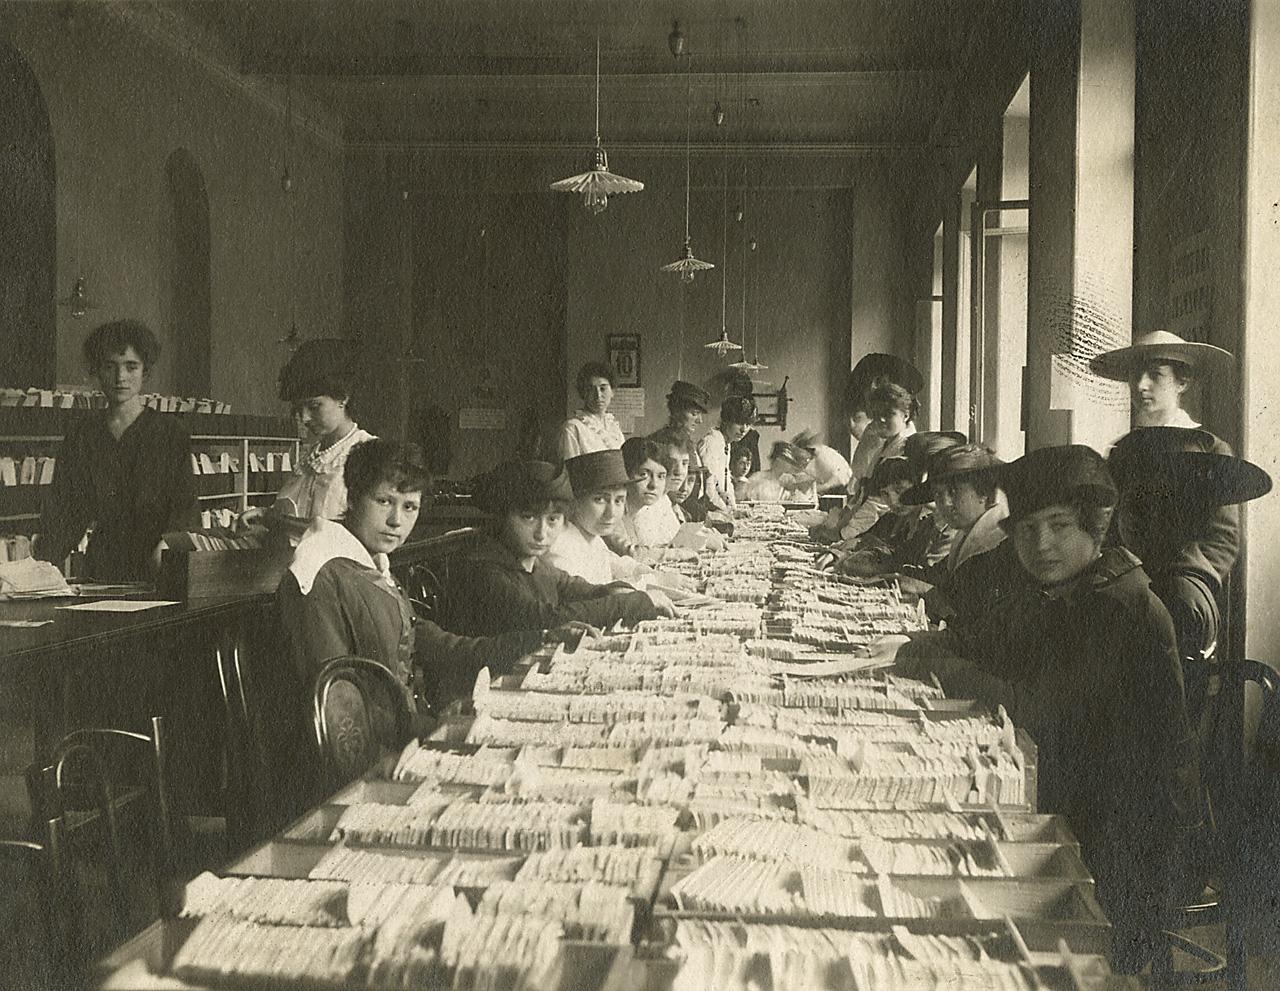 Ufficio Wikipedia : File:ufficio postale. donne al lavoro u2013 lombardia.jpg wikipedia